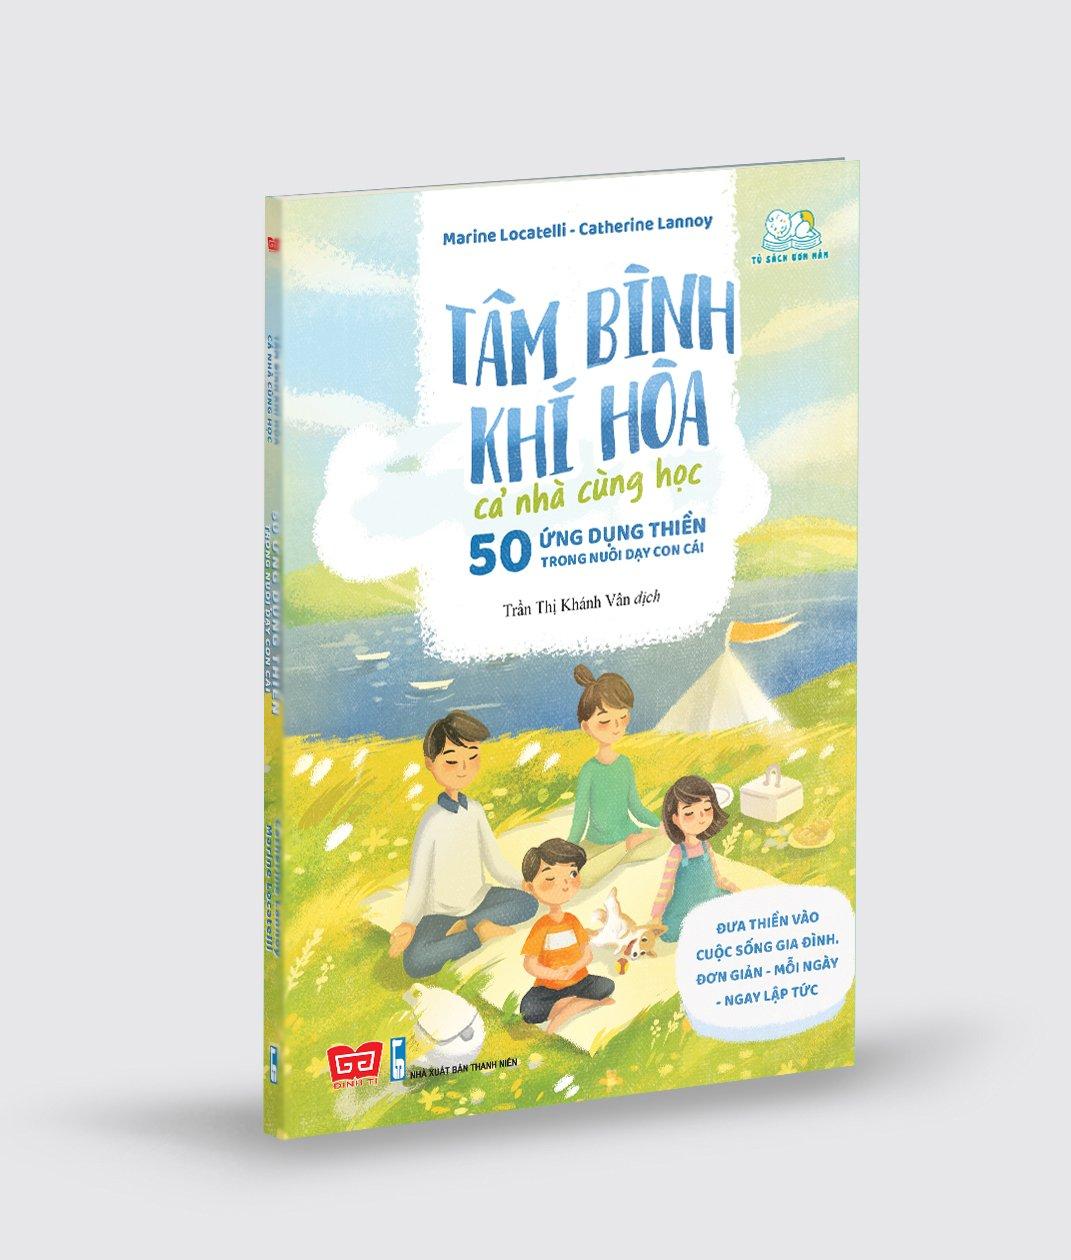 Tâm bình khí hòa cả nhà cùng học - 50 ứng dụng thiền trong nuôi dạy con cái